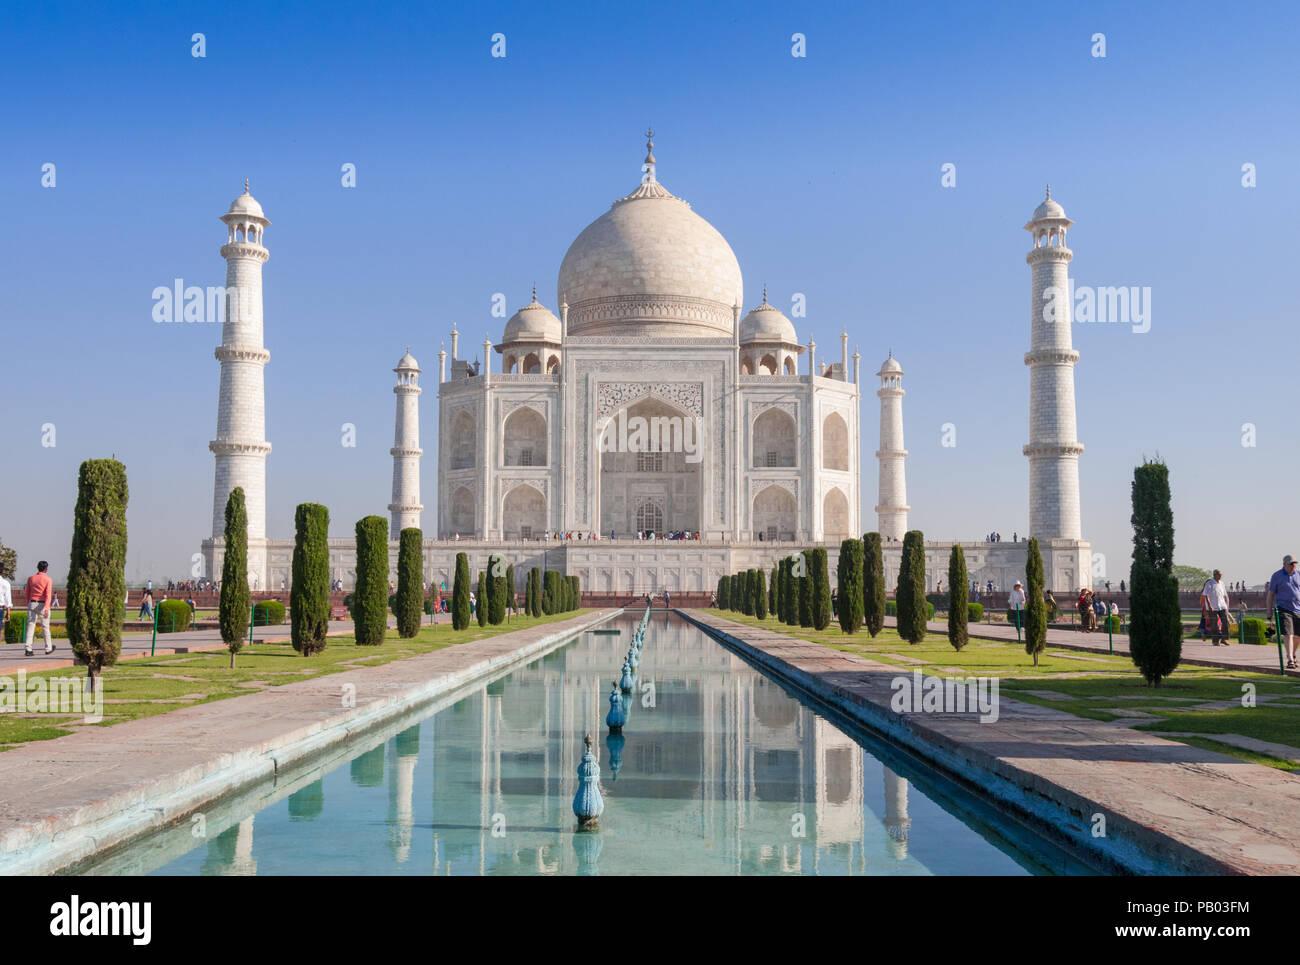 Taj Mahal temprano en la mañana con piscina reflexión Agra India Imagen De Stock